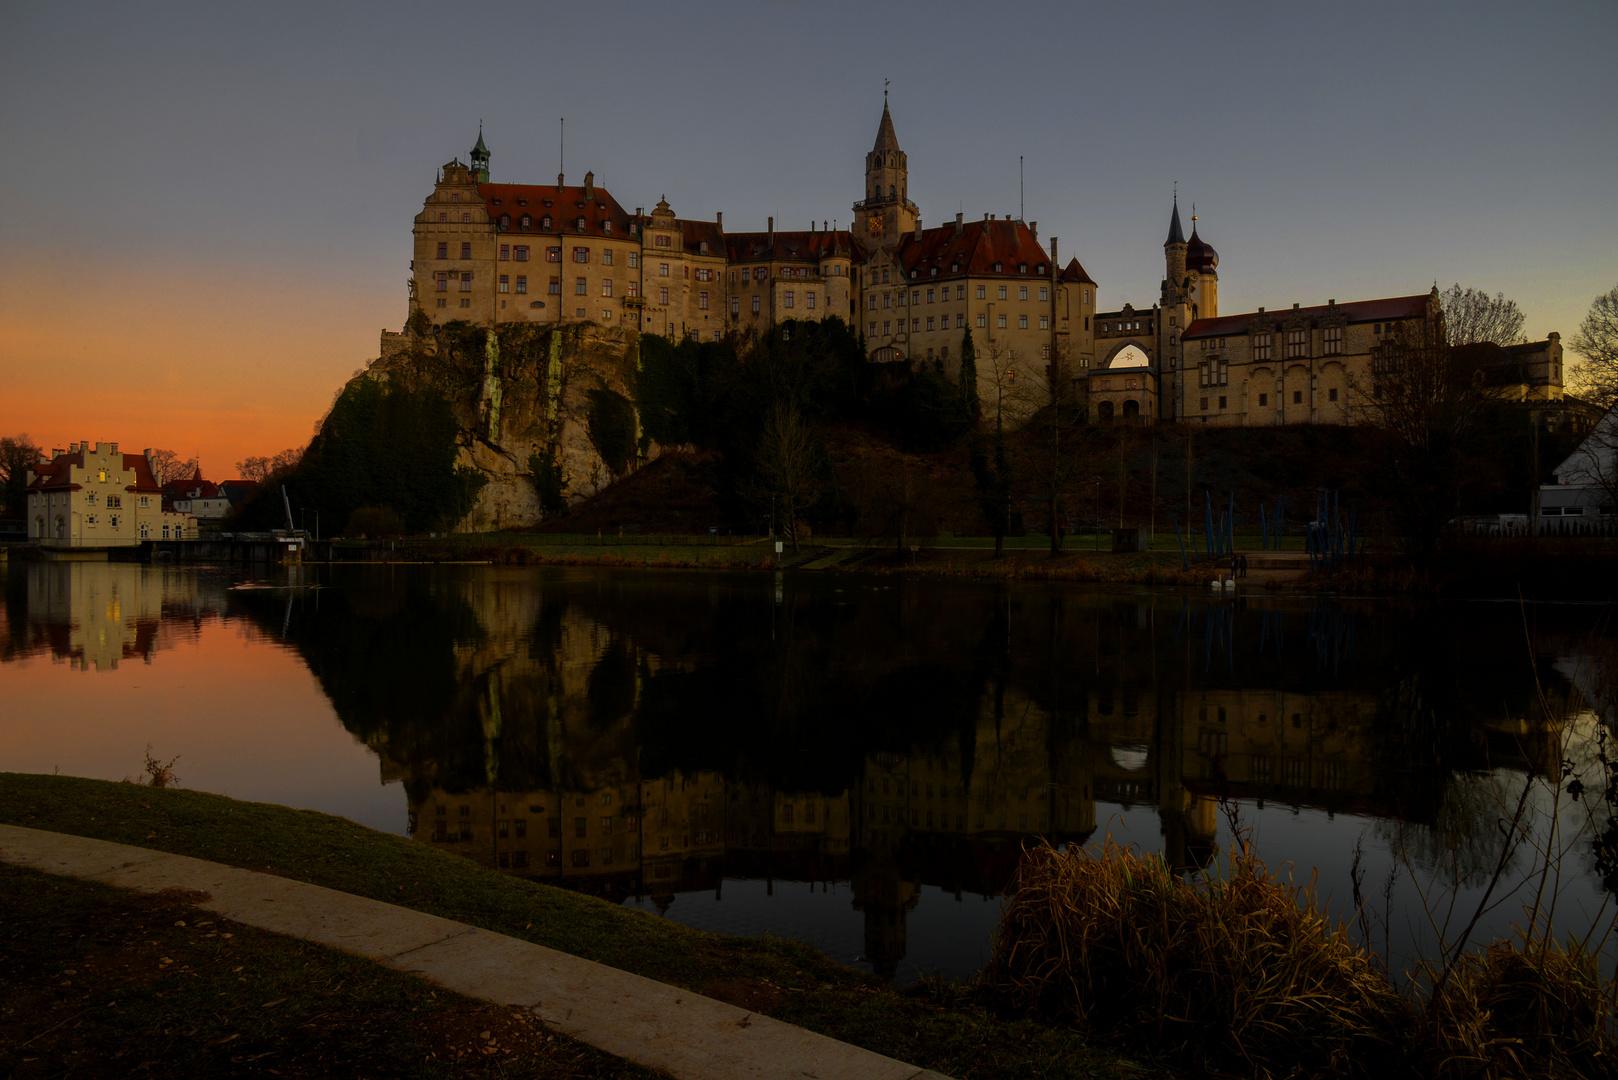 Spiegeltag: Abend am Schloss Sigmaringen